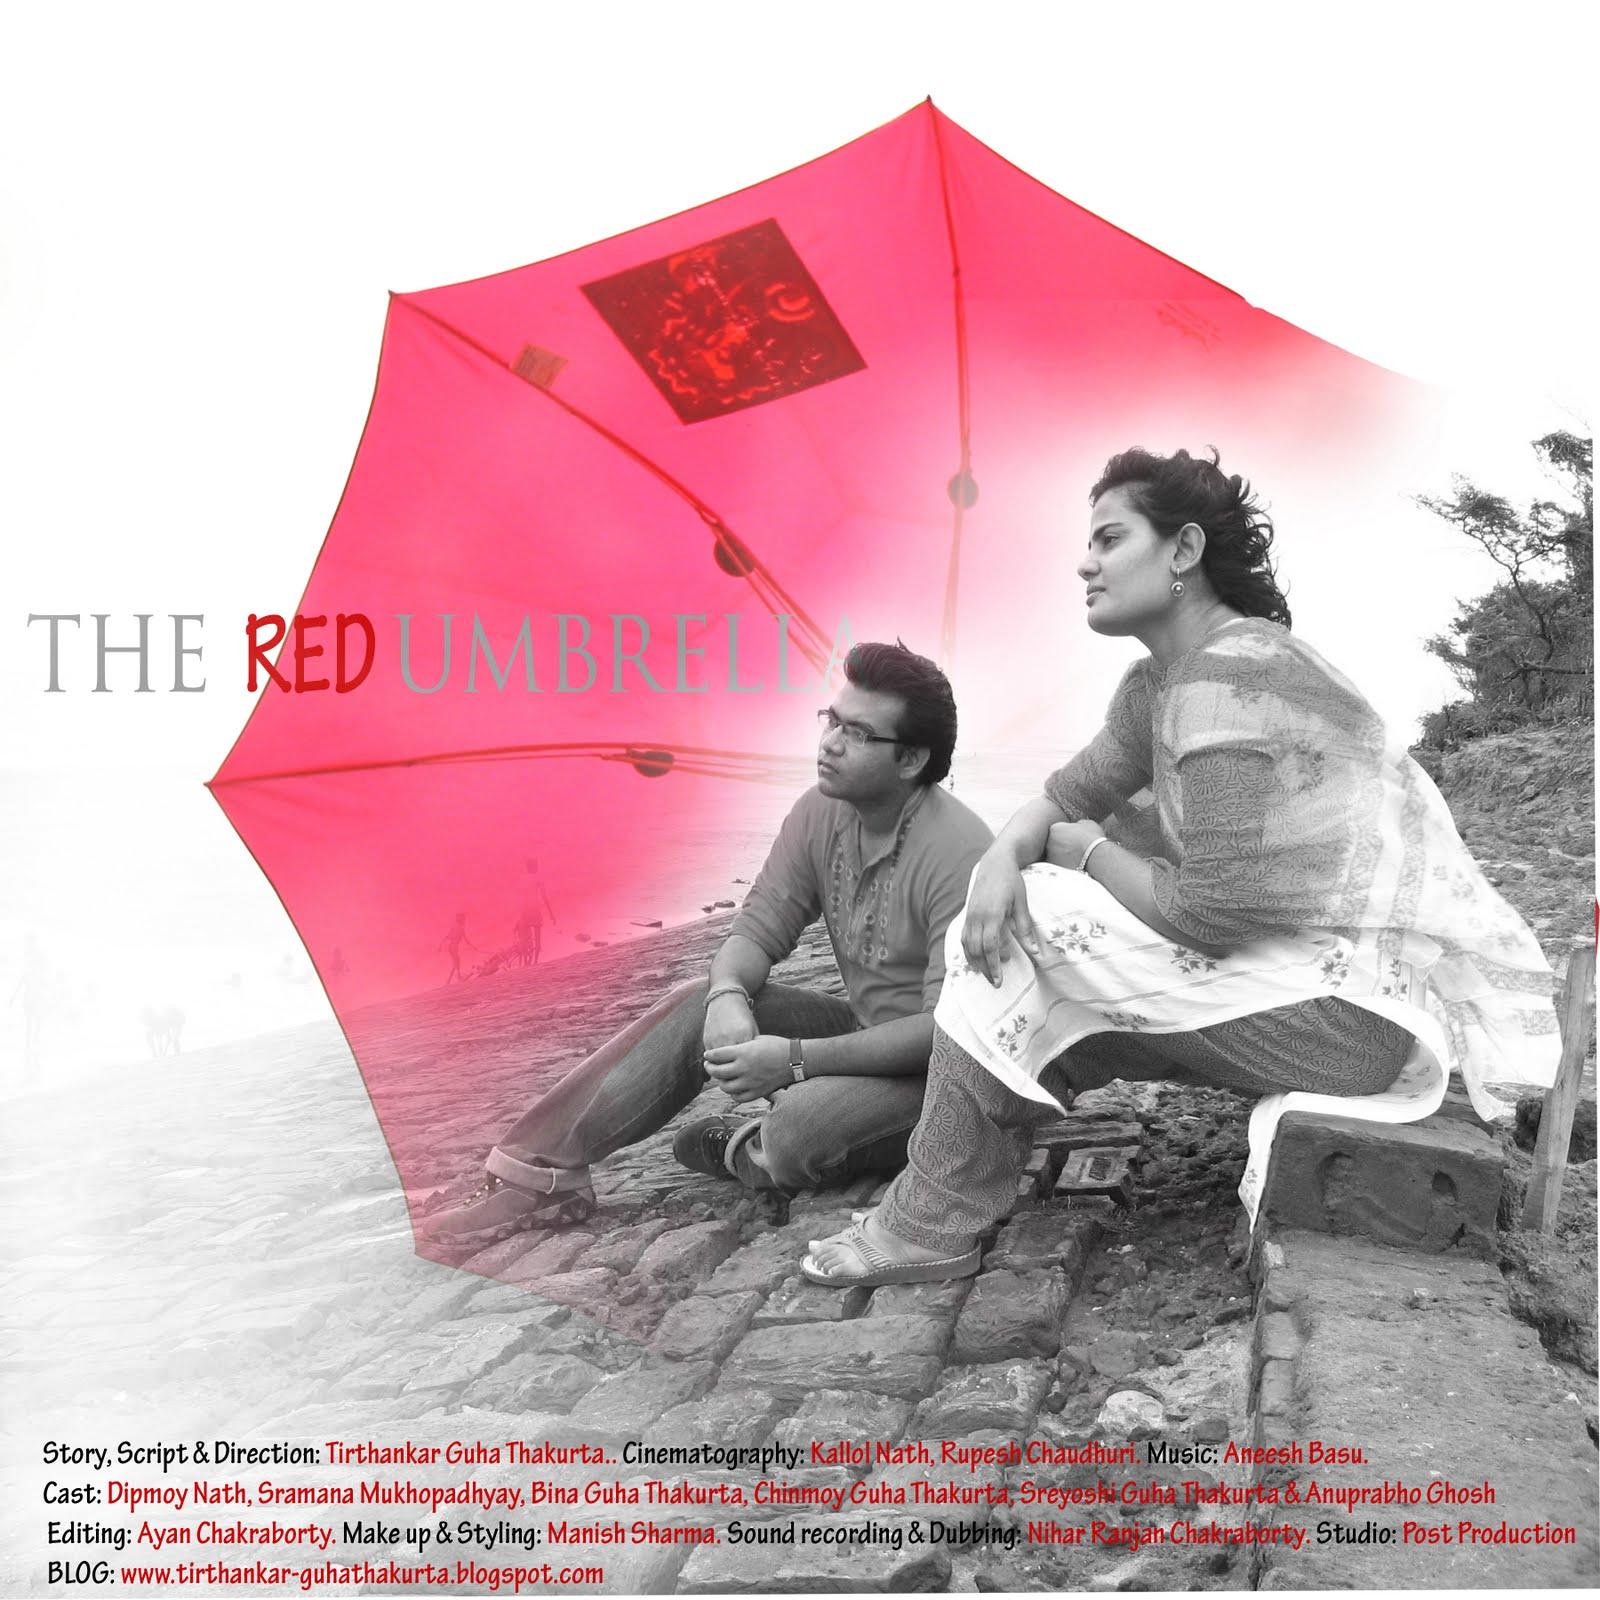 Tirthankar Guha Thakurta     Doctor Filmmaker Gay Activist: 2010